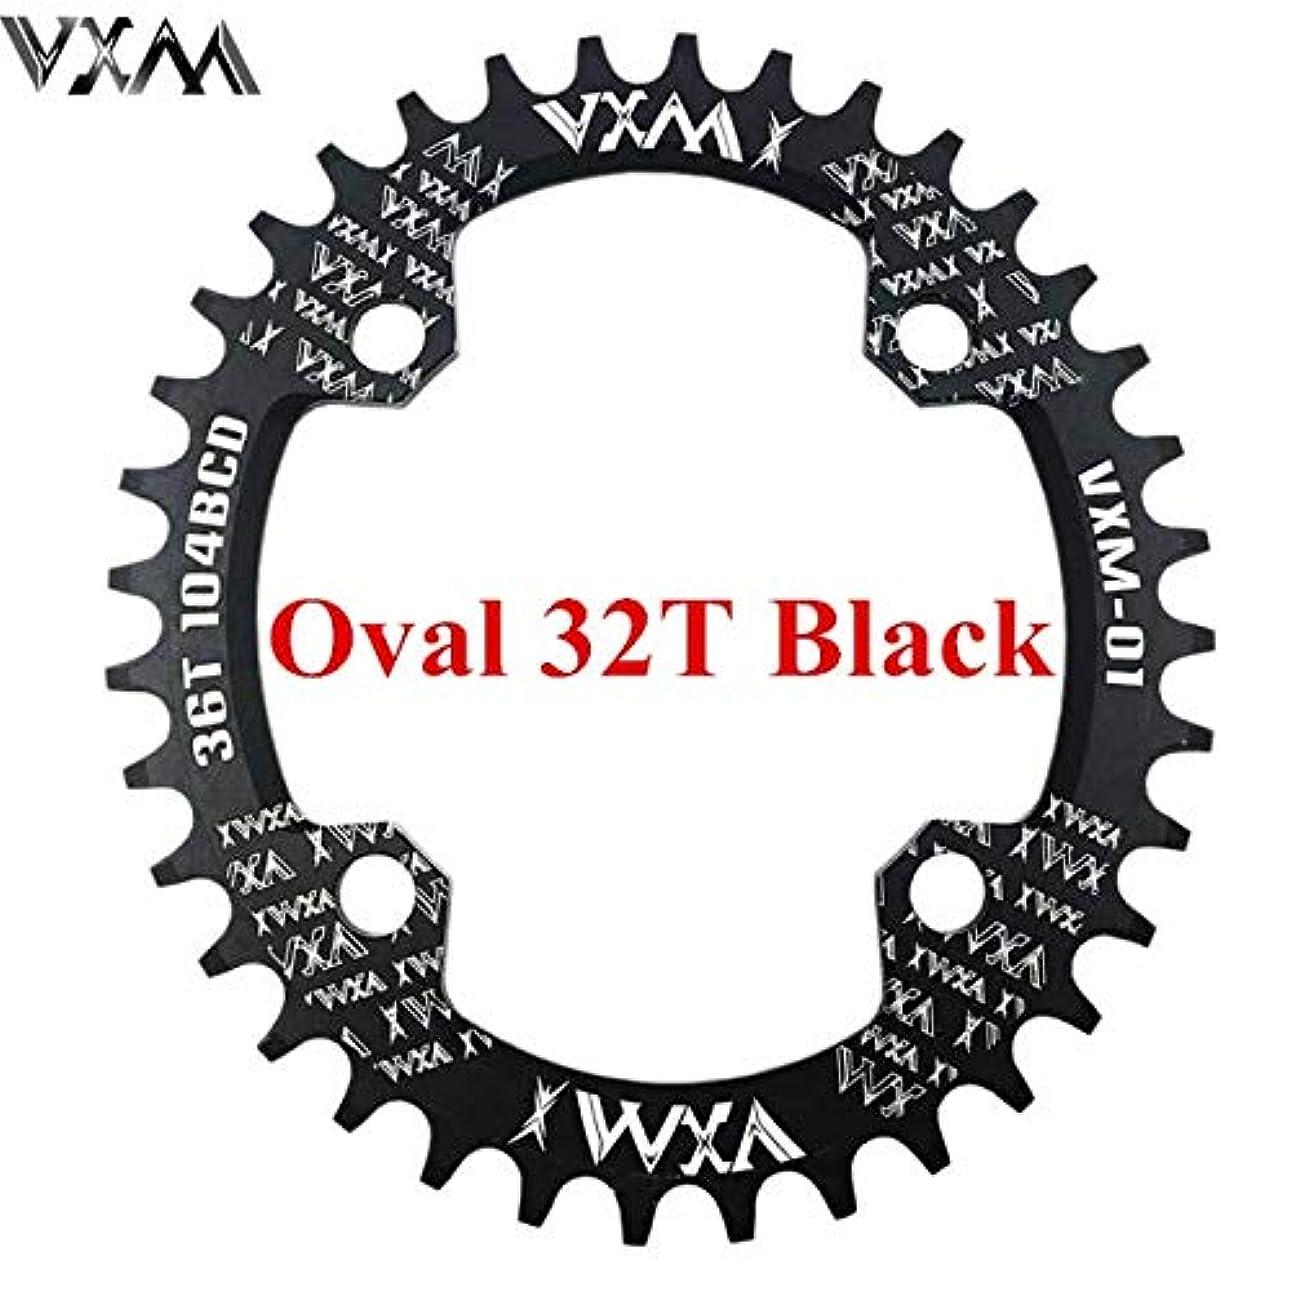 予備パイプ信頼できるPropenary - 自転車104BCDクランクオーバルラウンド30T 32T 34T 36T 38T 40T 42T 44T 46T 48T 50T 52TチェーンホイールXT狭い広い自転車チェーンリング[オーバル32Tブラック]